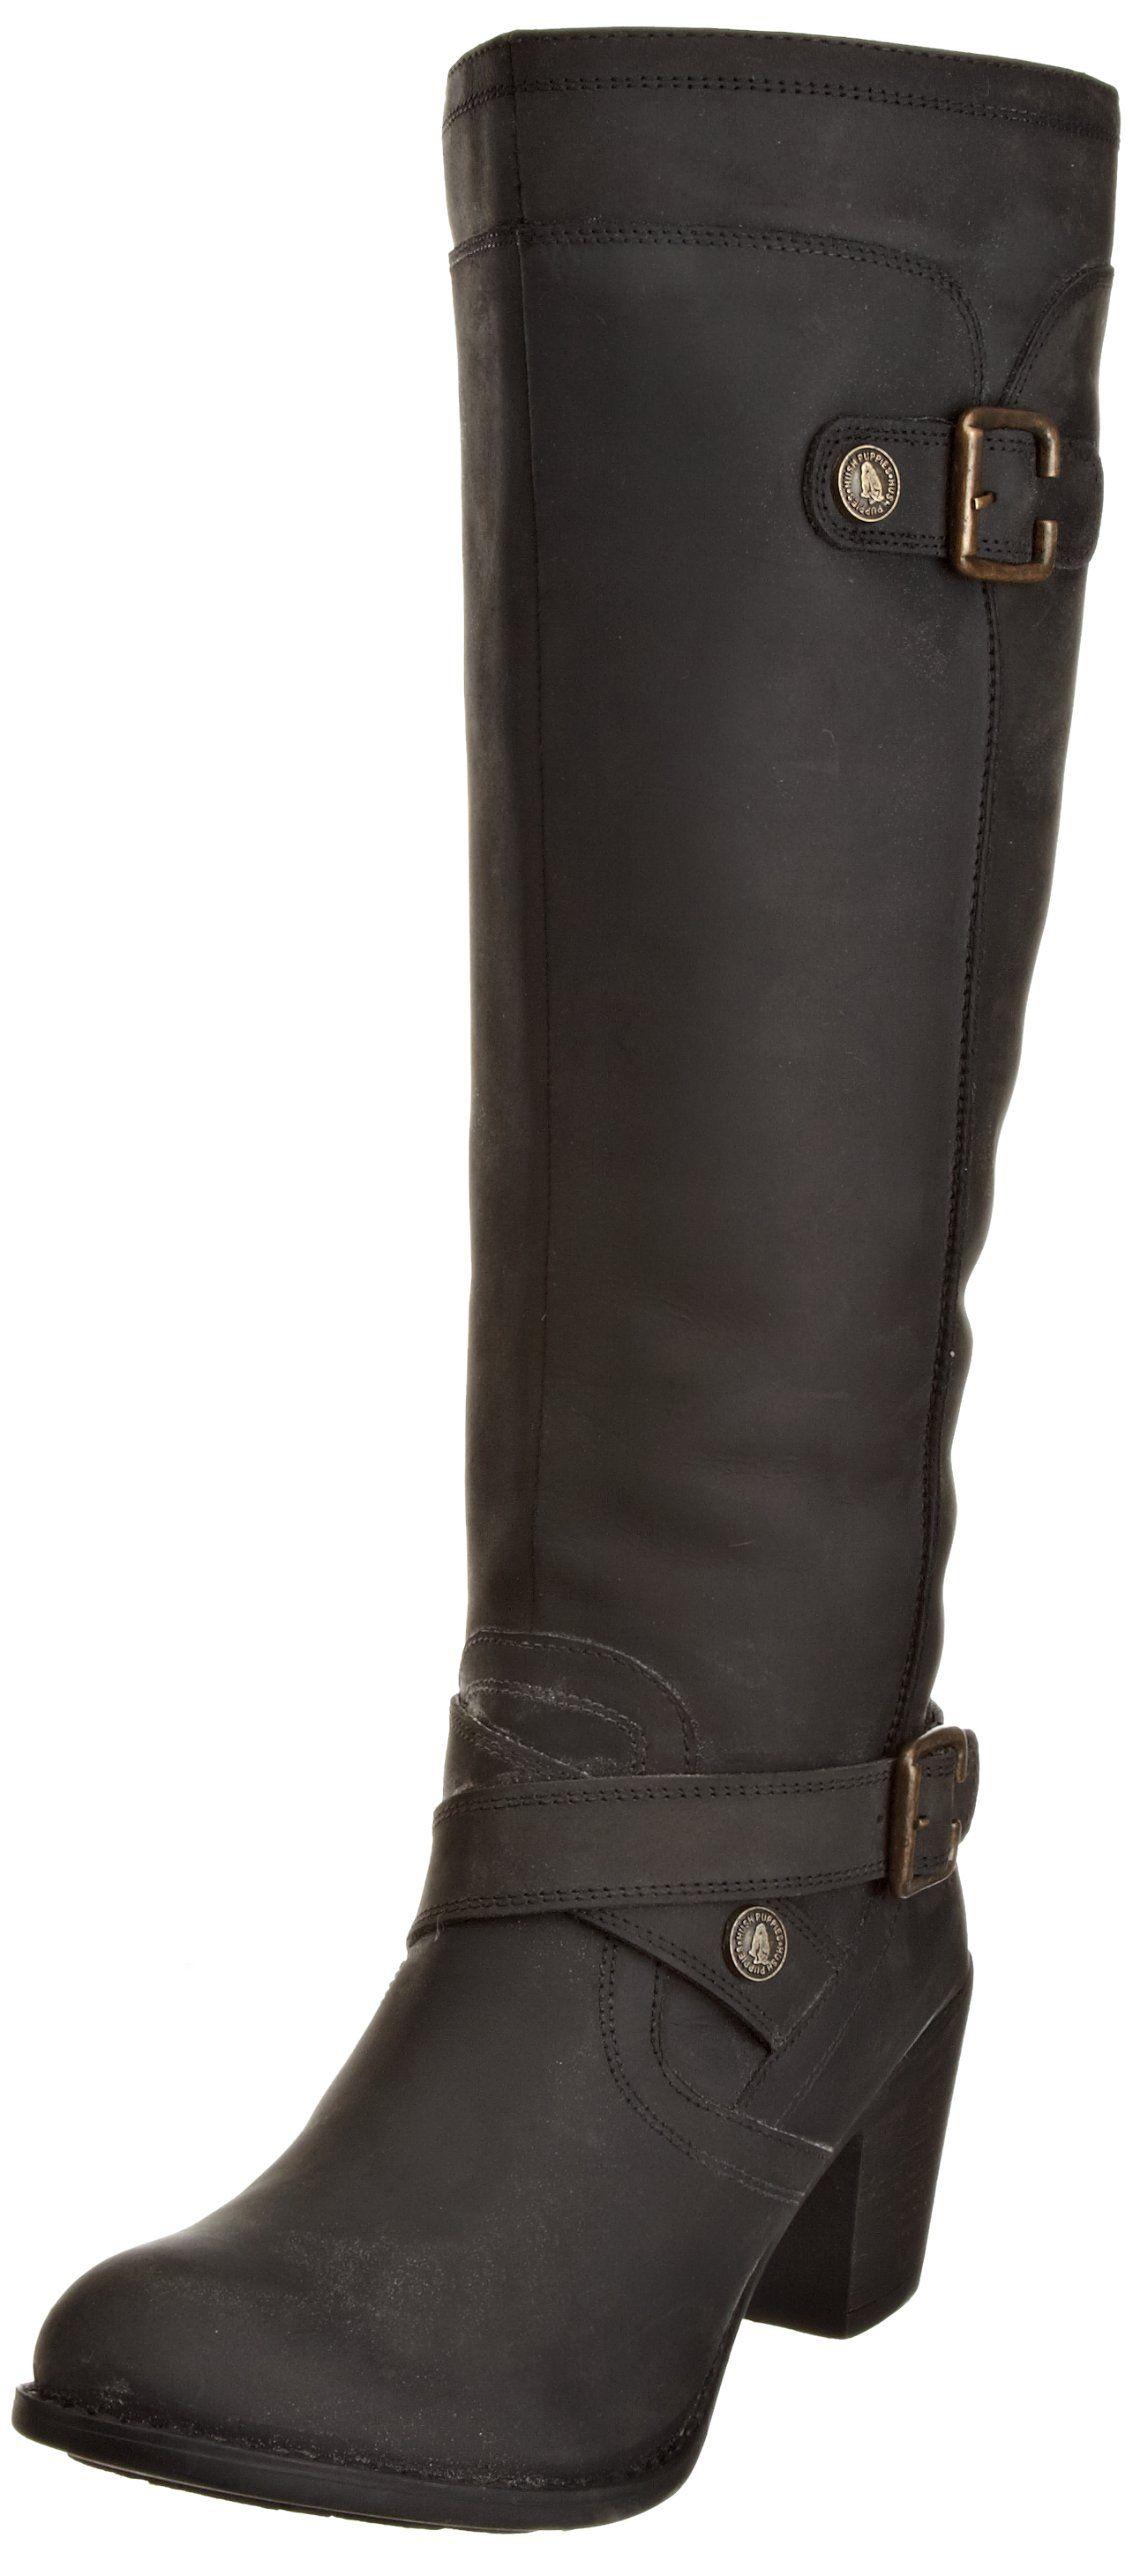 Hush Puppies Women's Marshfield Black £125 Knee high